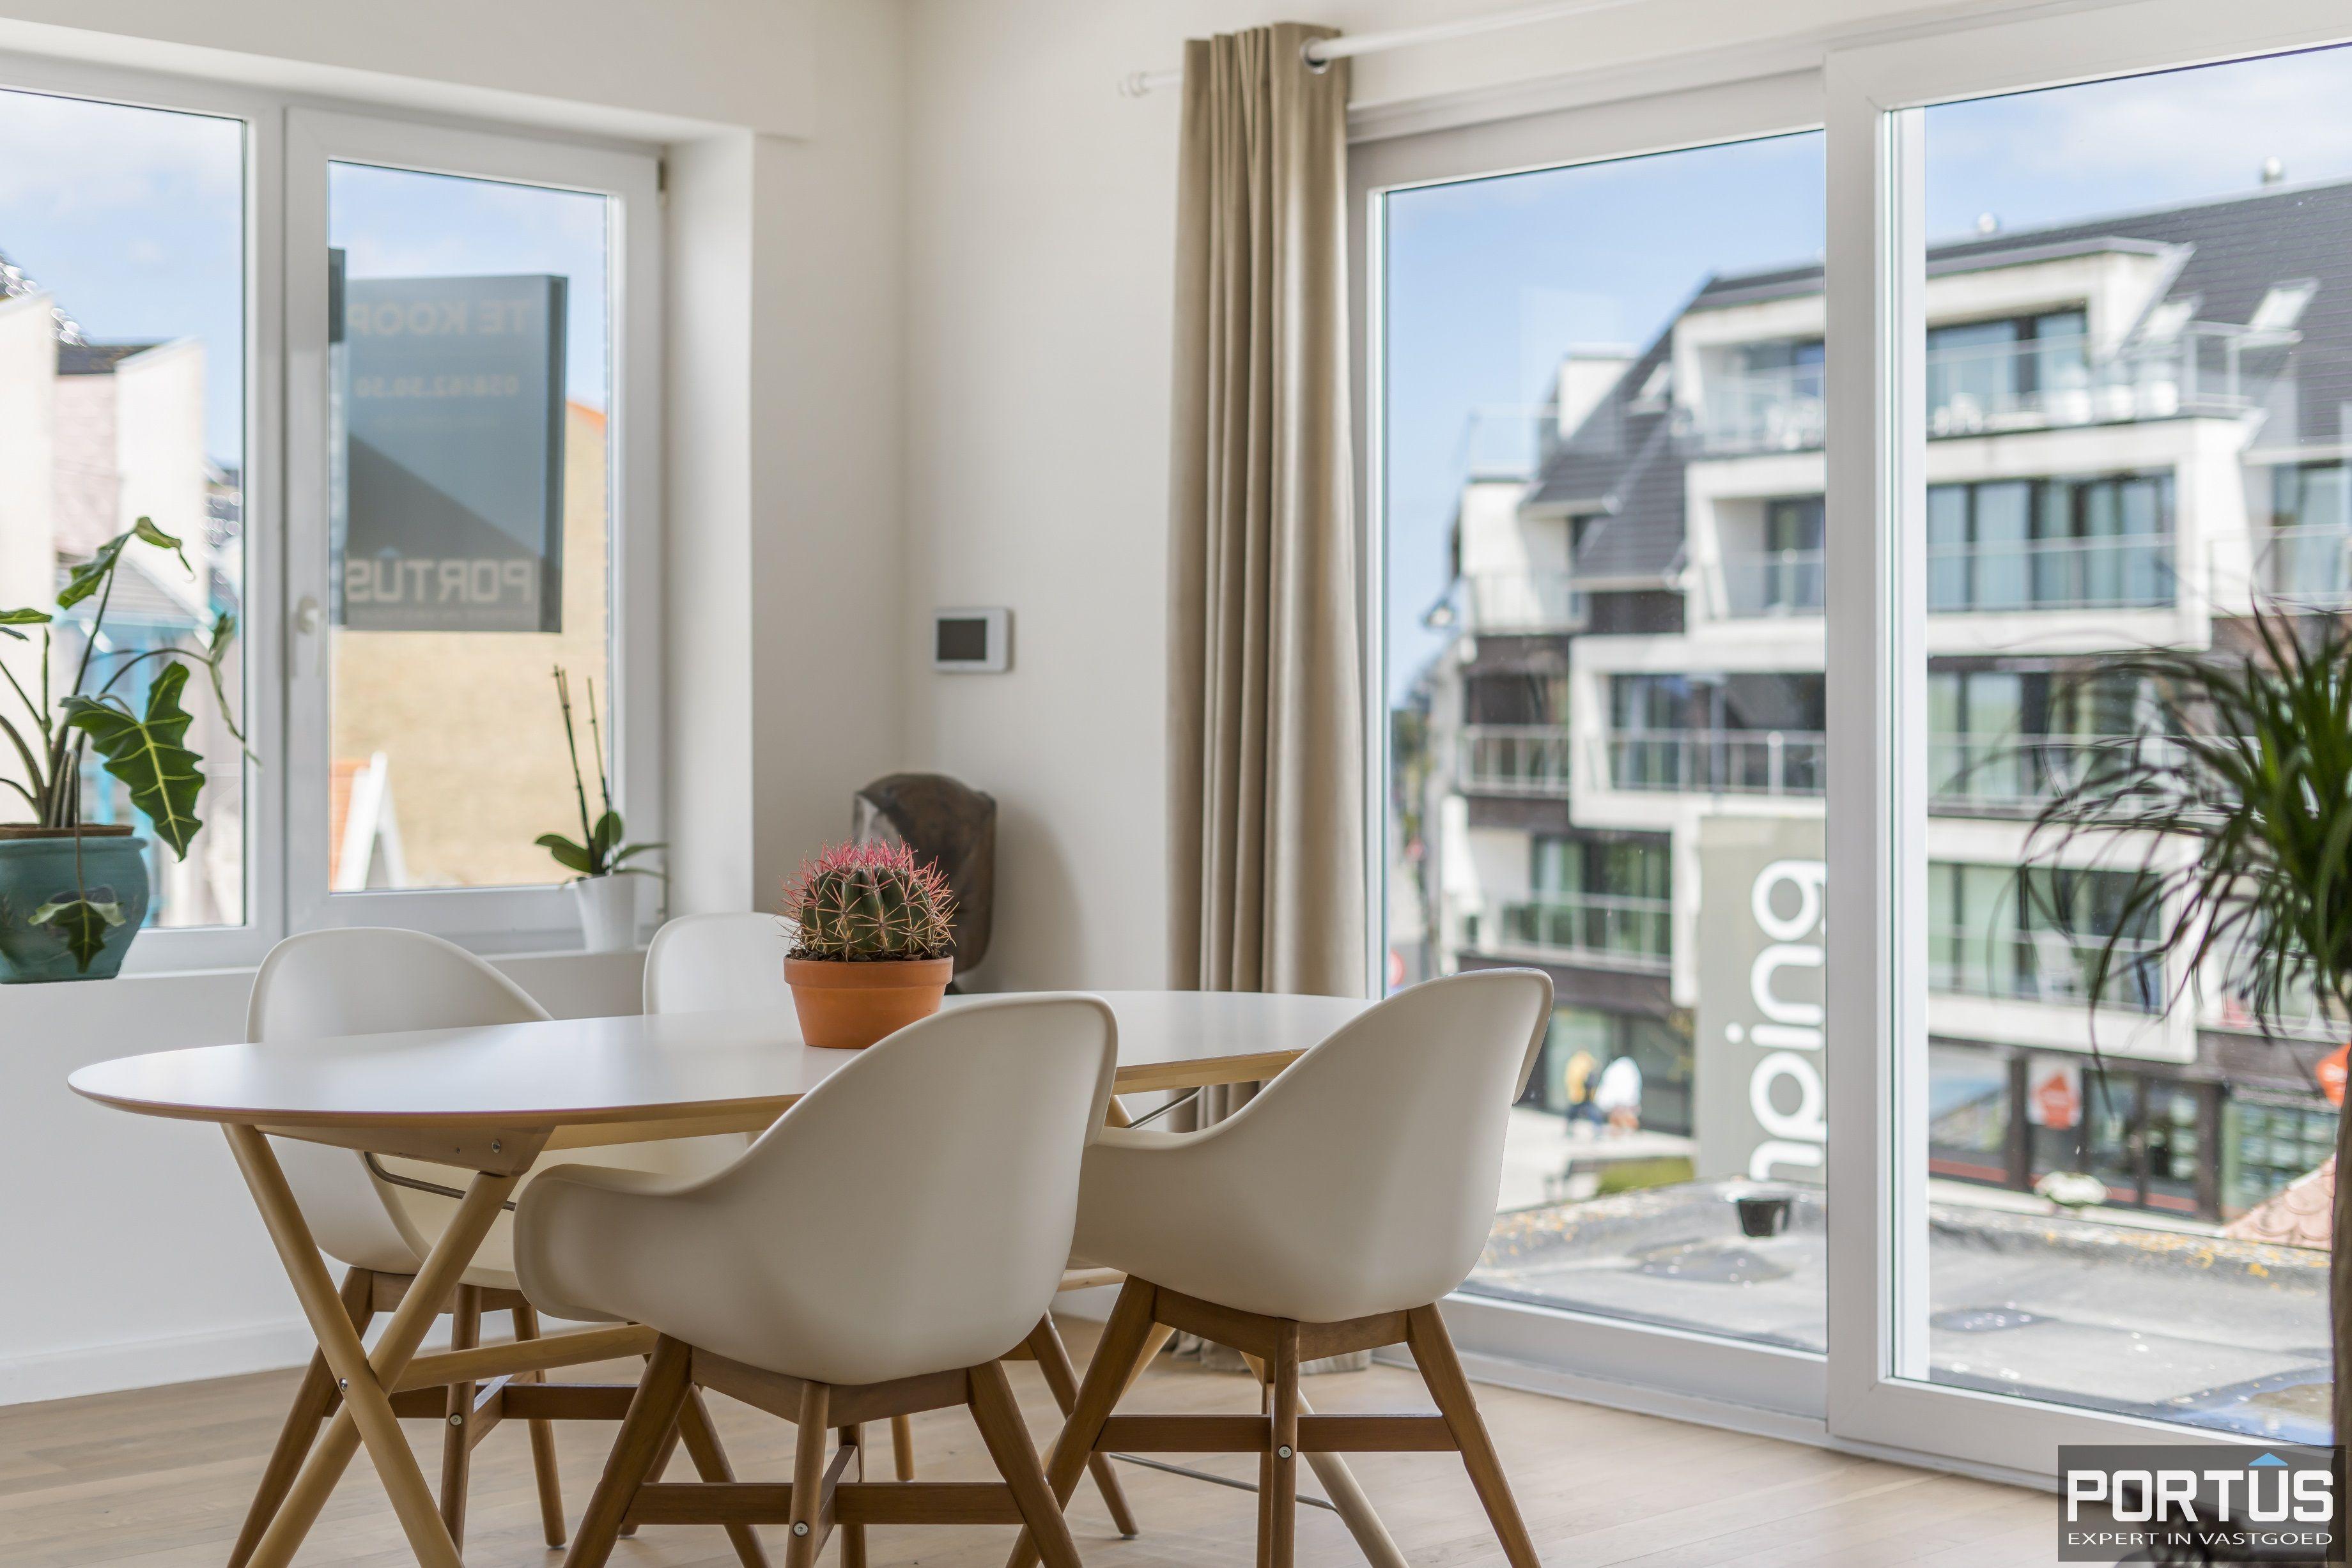 Appartement met 3 slaapkamers te koop te Westende - 13502